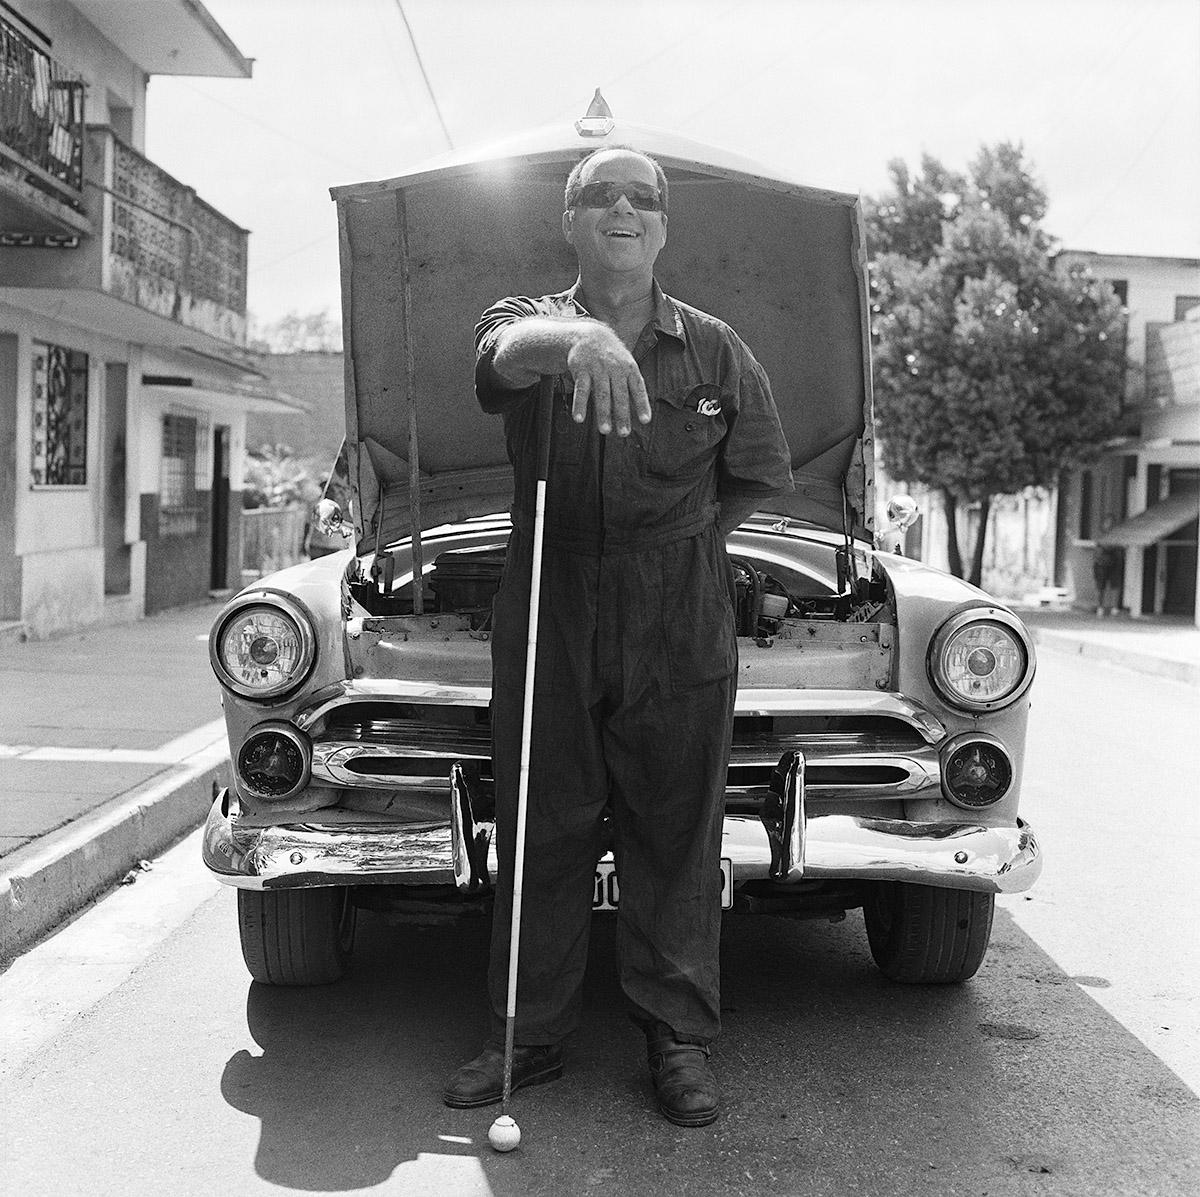 """Trinidad, Cuba, 2016. """"Posso sentire le parti della macchina e capire i problemi dei motori solo ascoltando i loro suoni. Questo mi aiuta a realizzare un buon lavoro'"""